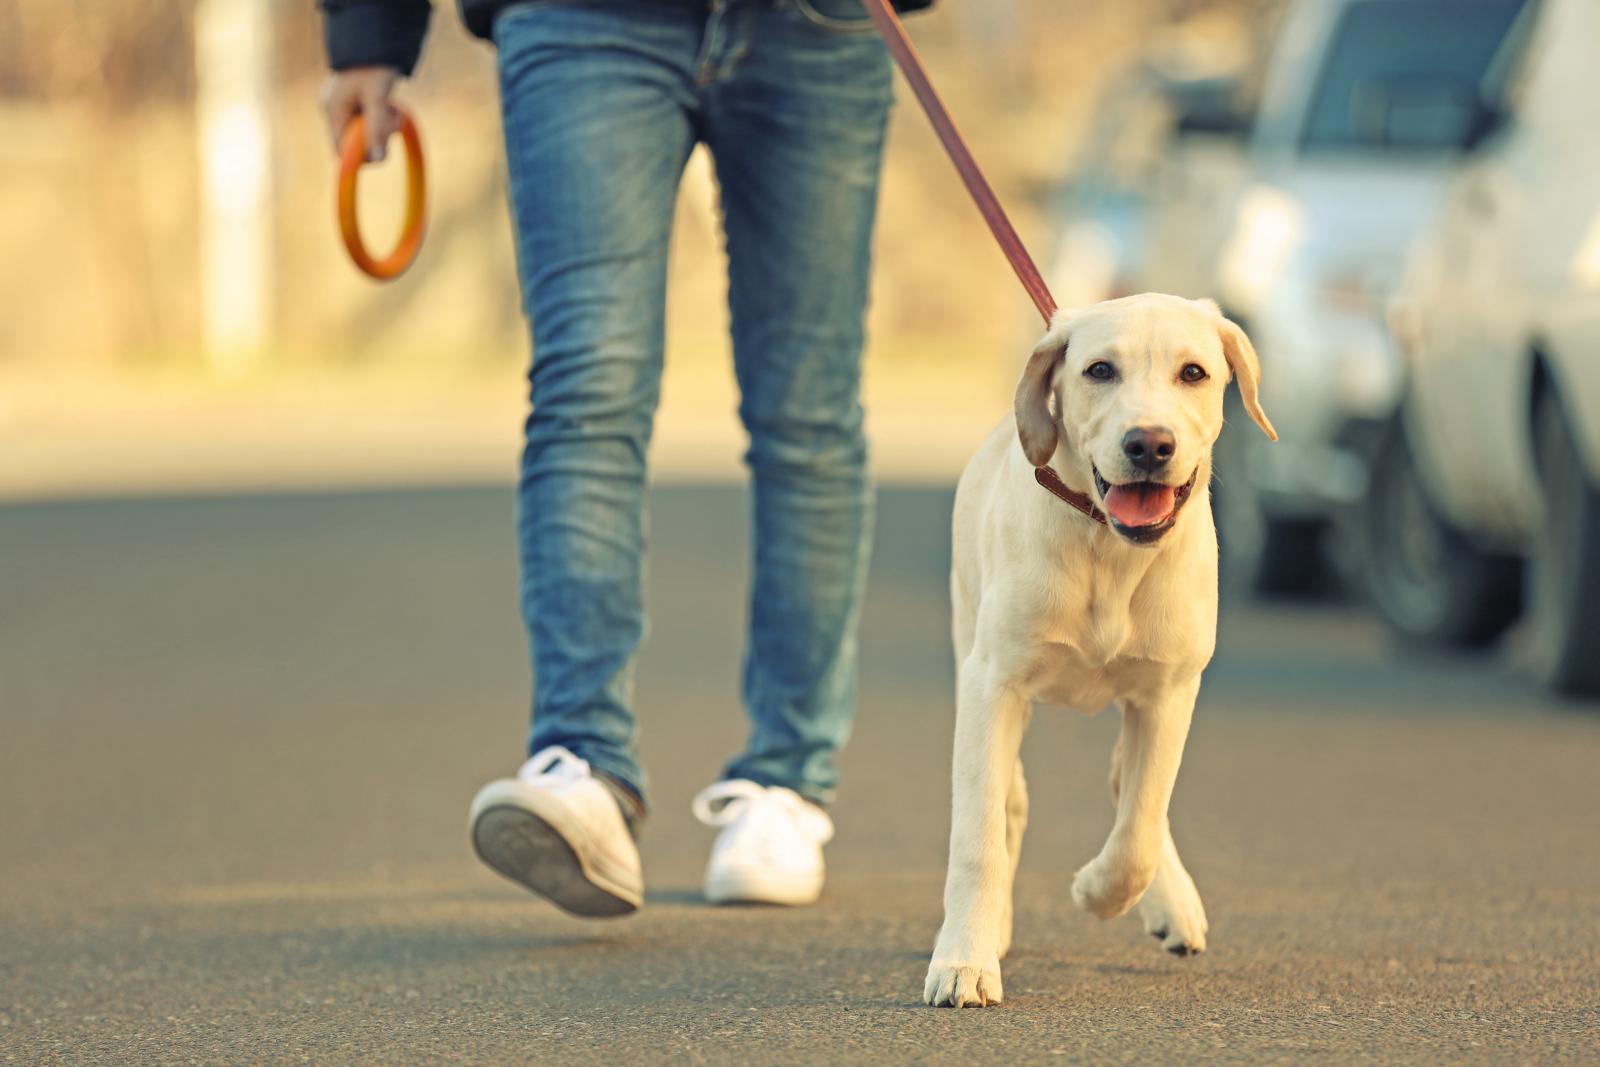 chien ordre marcher laisse